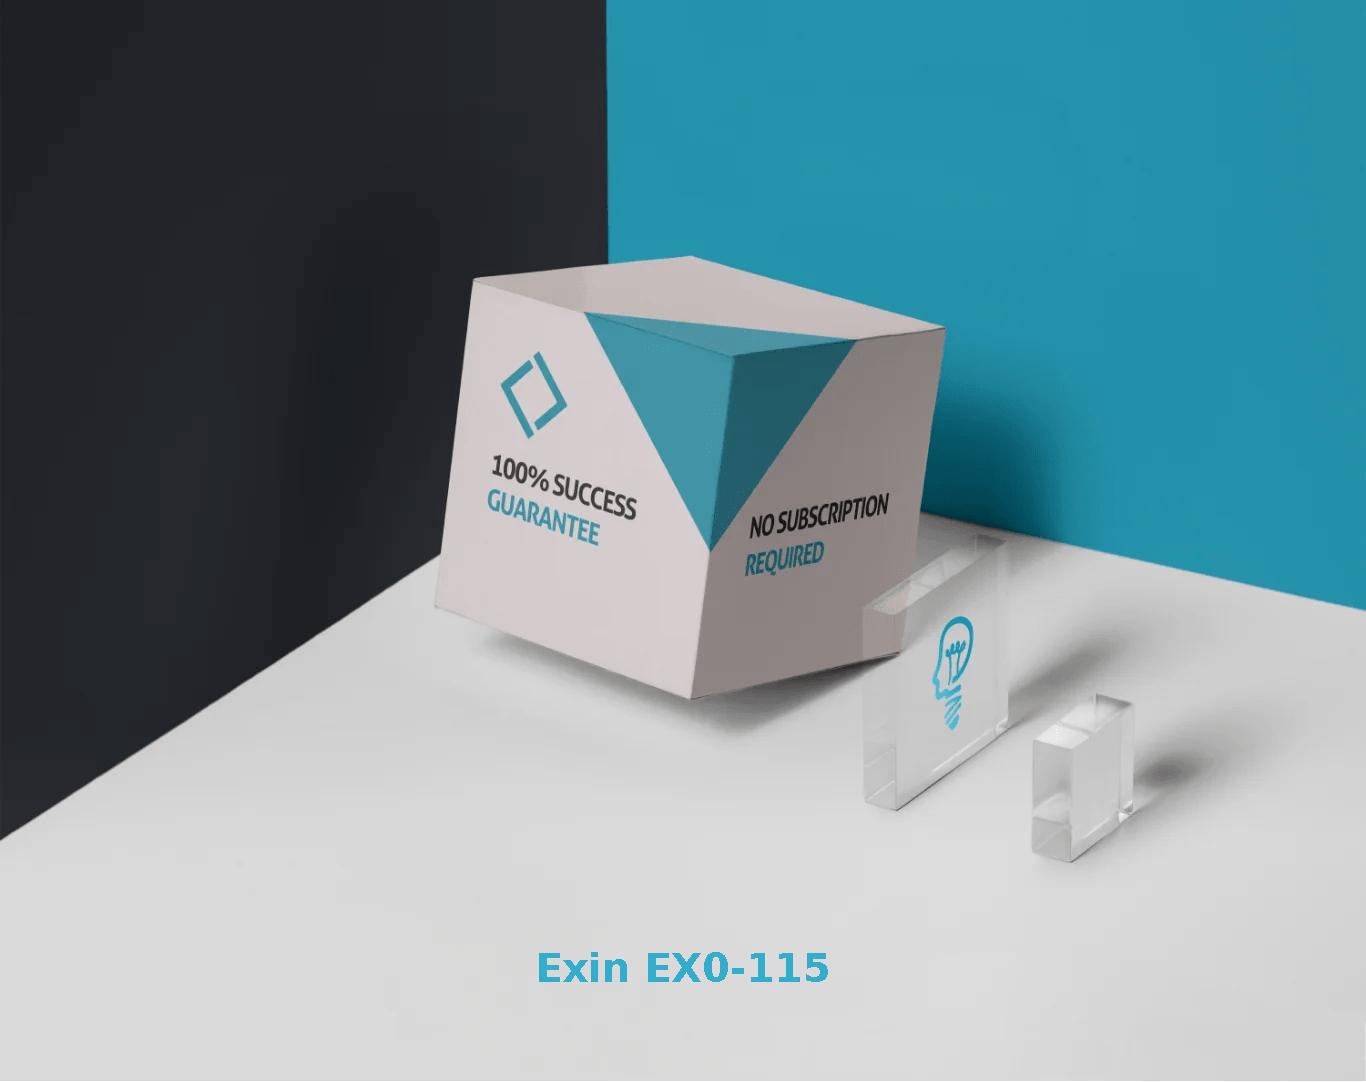 Exin EX0-115 Exams